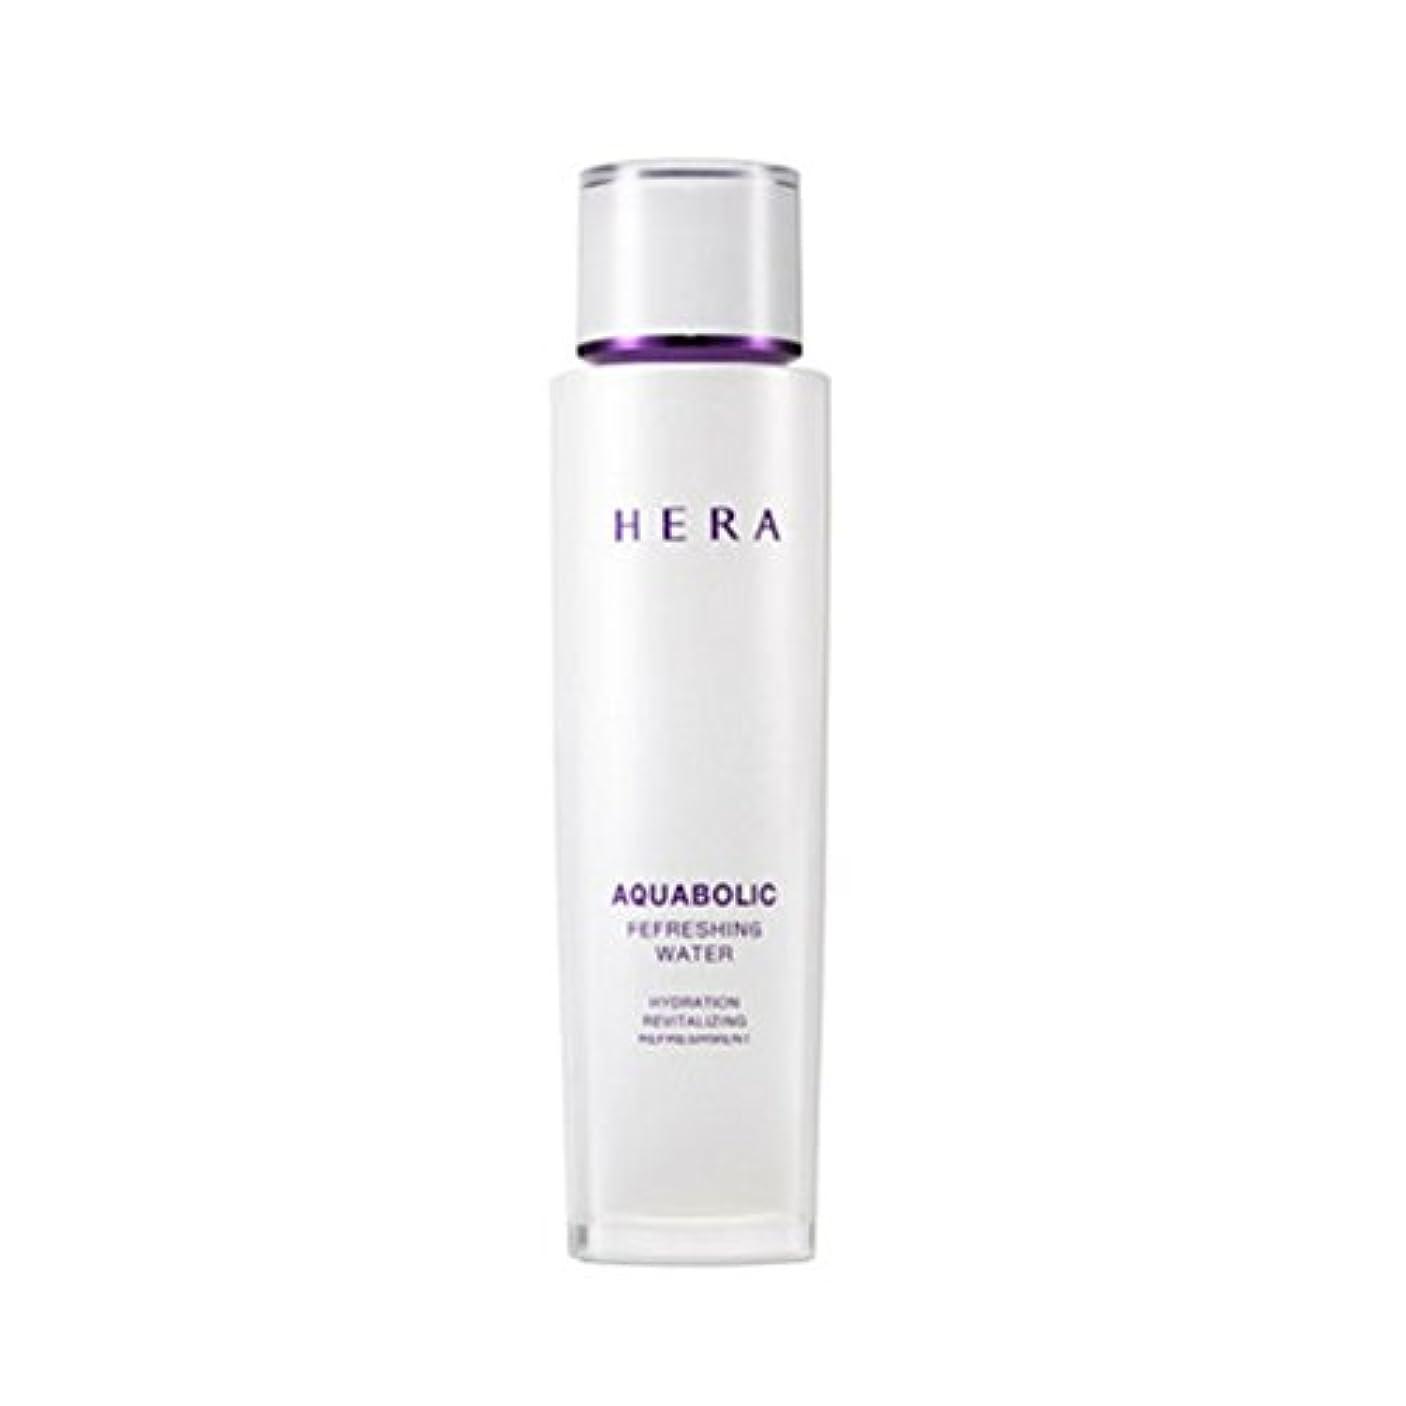 計り知れない照らす配当(ヘラ) HERA アクアボリック リフレッシングウォーター (化粧水) 150ml / Aquabolic Refreshing Water 150ml (韓国直発送)